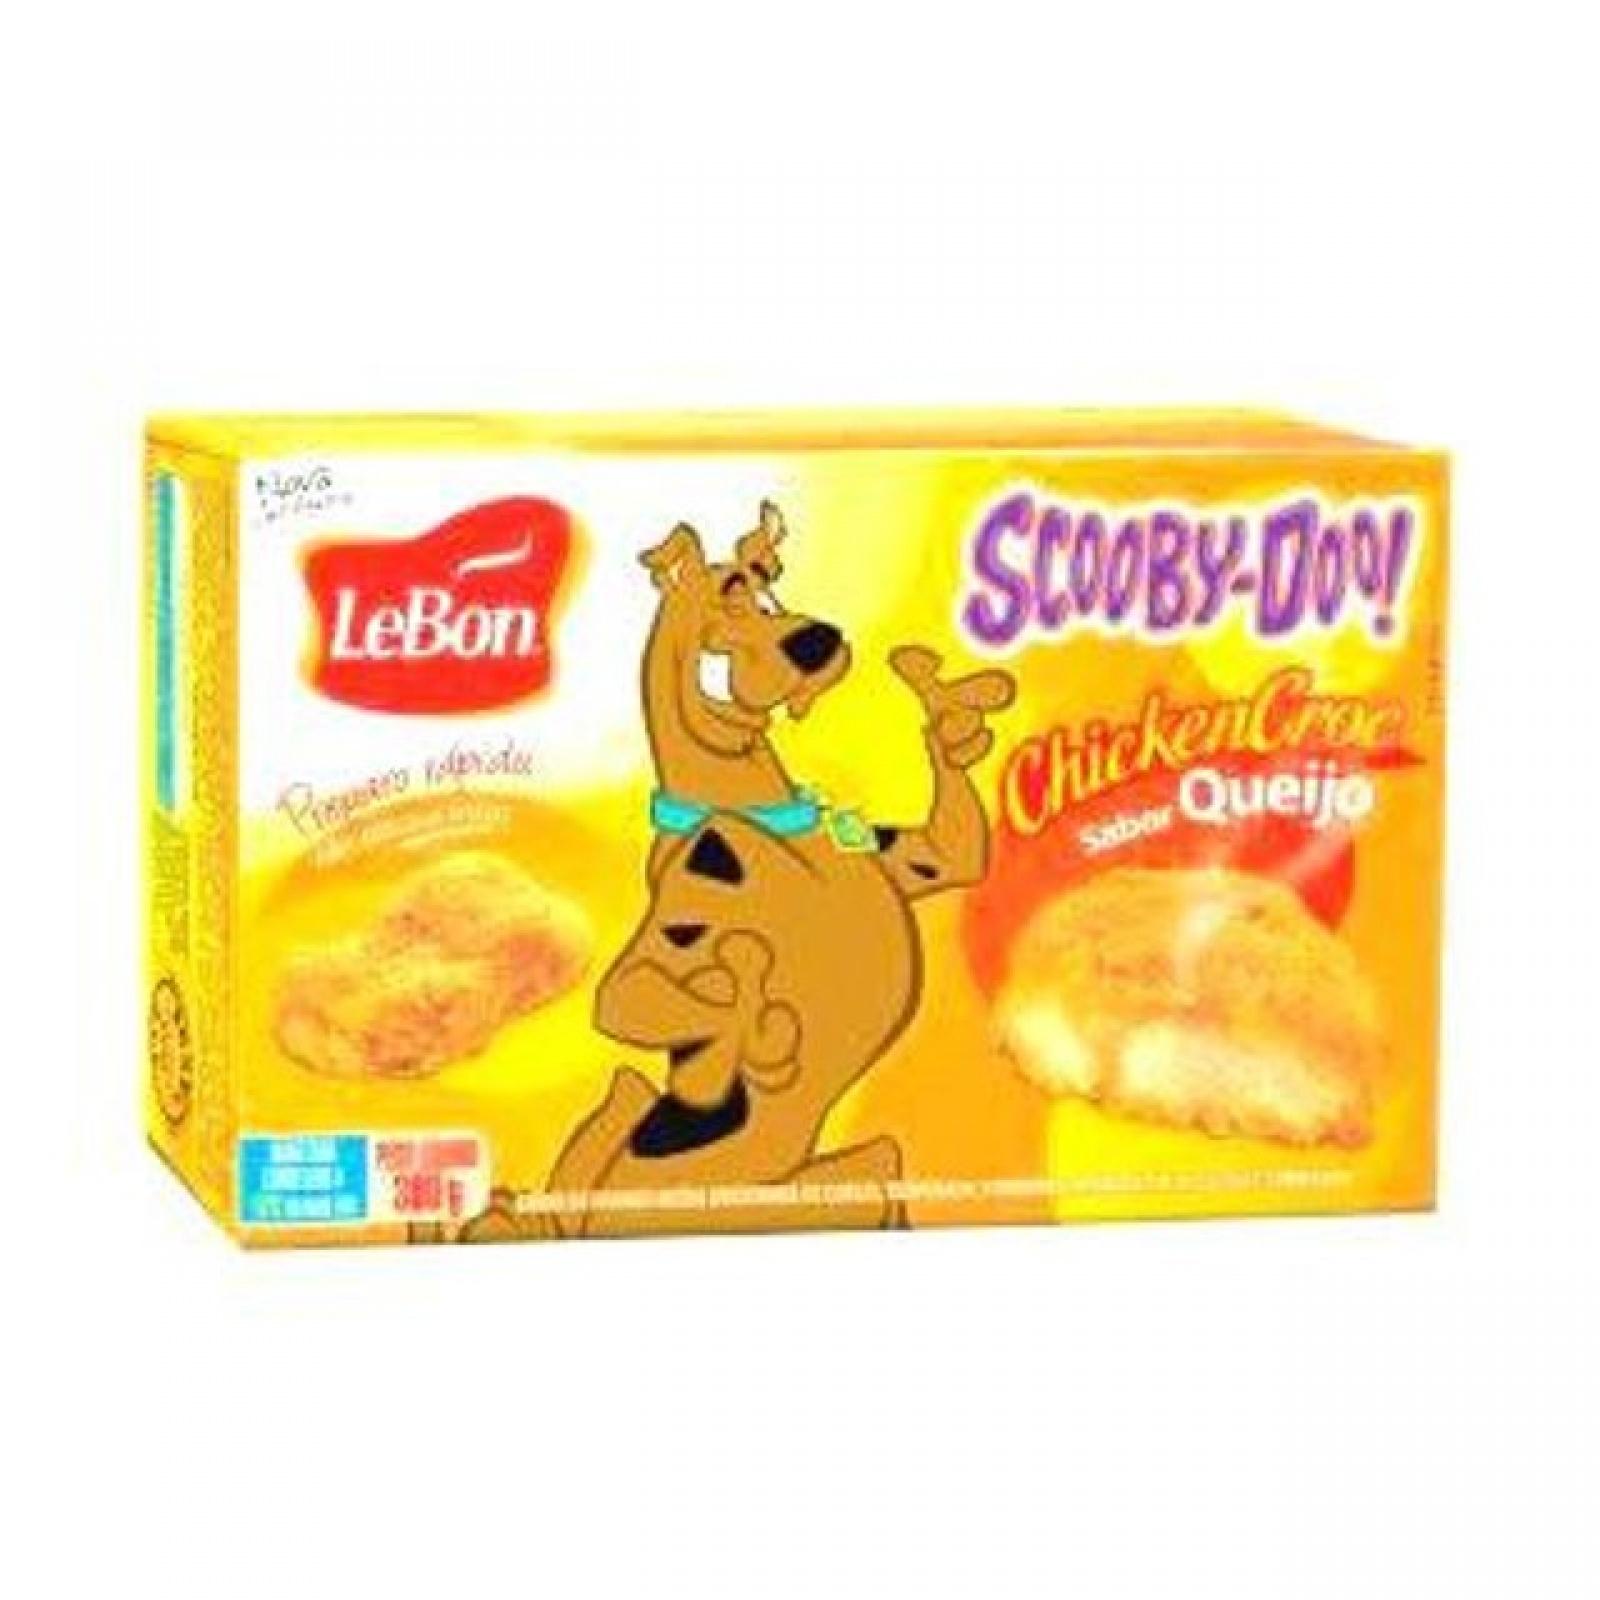 Chicken Queijo Scooby Doo 300g